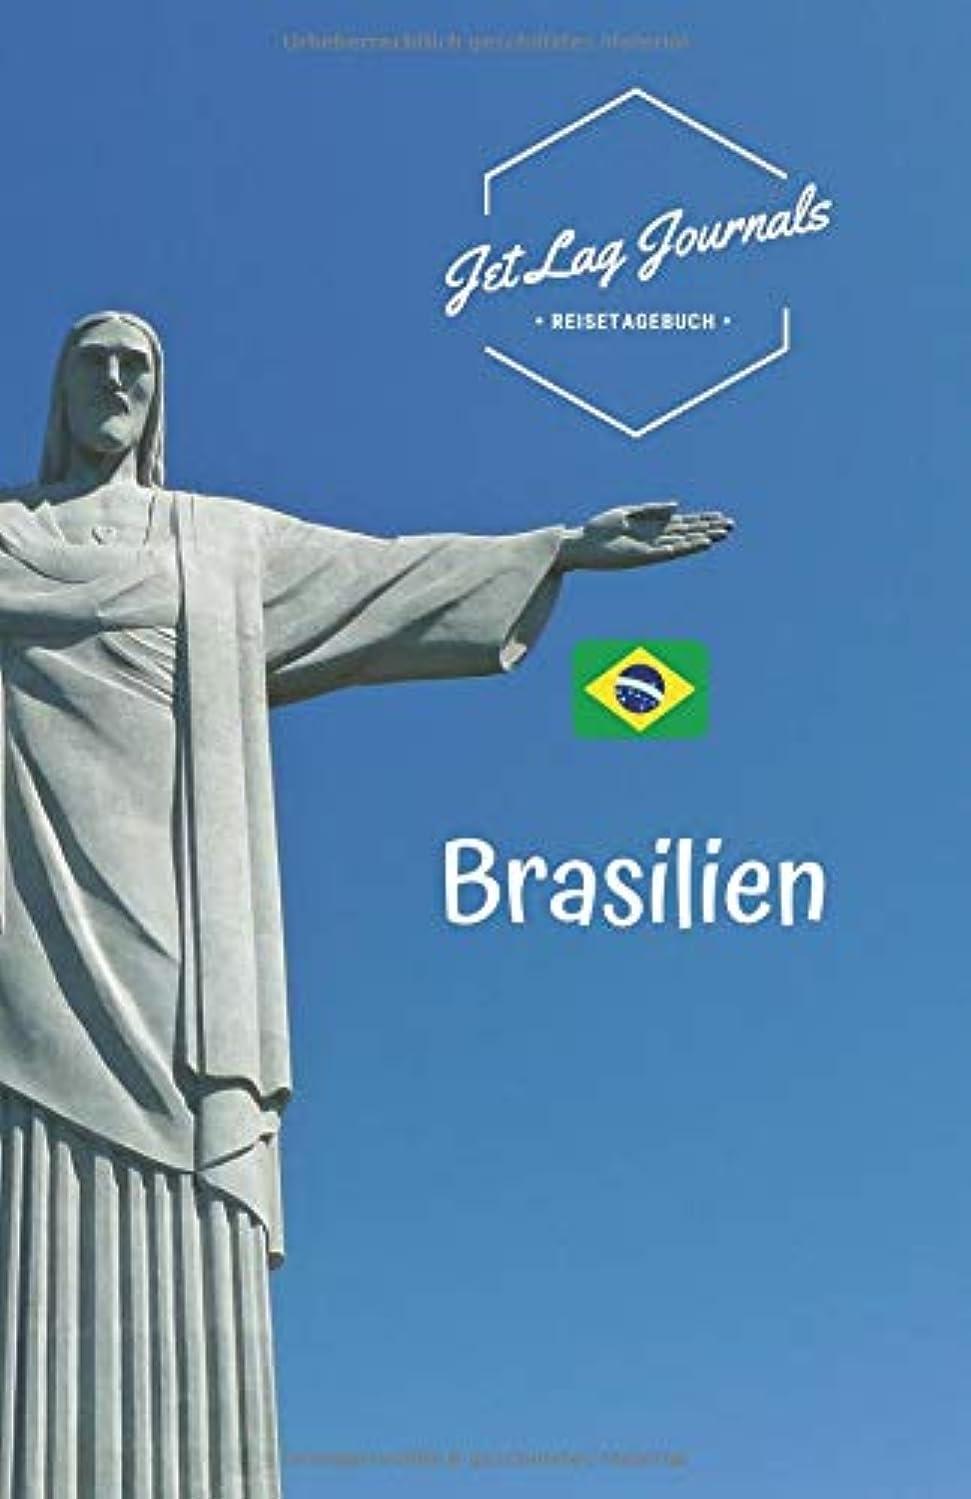 区殺す藤色JetLagJournals ? Reisetagebuch Brasilien: Erinnerungsbuch zum Ausfuellen und Selberschreiben | Ideal als Abschiedsgeschenk